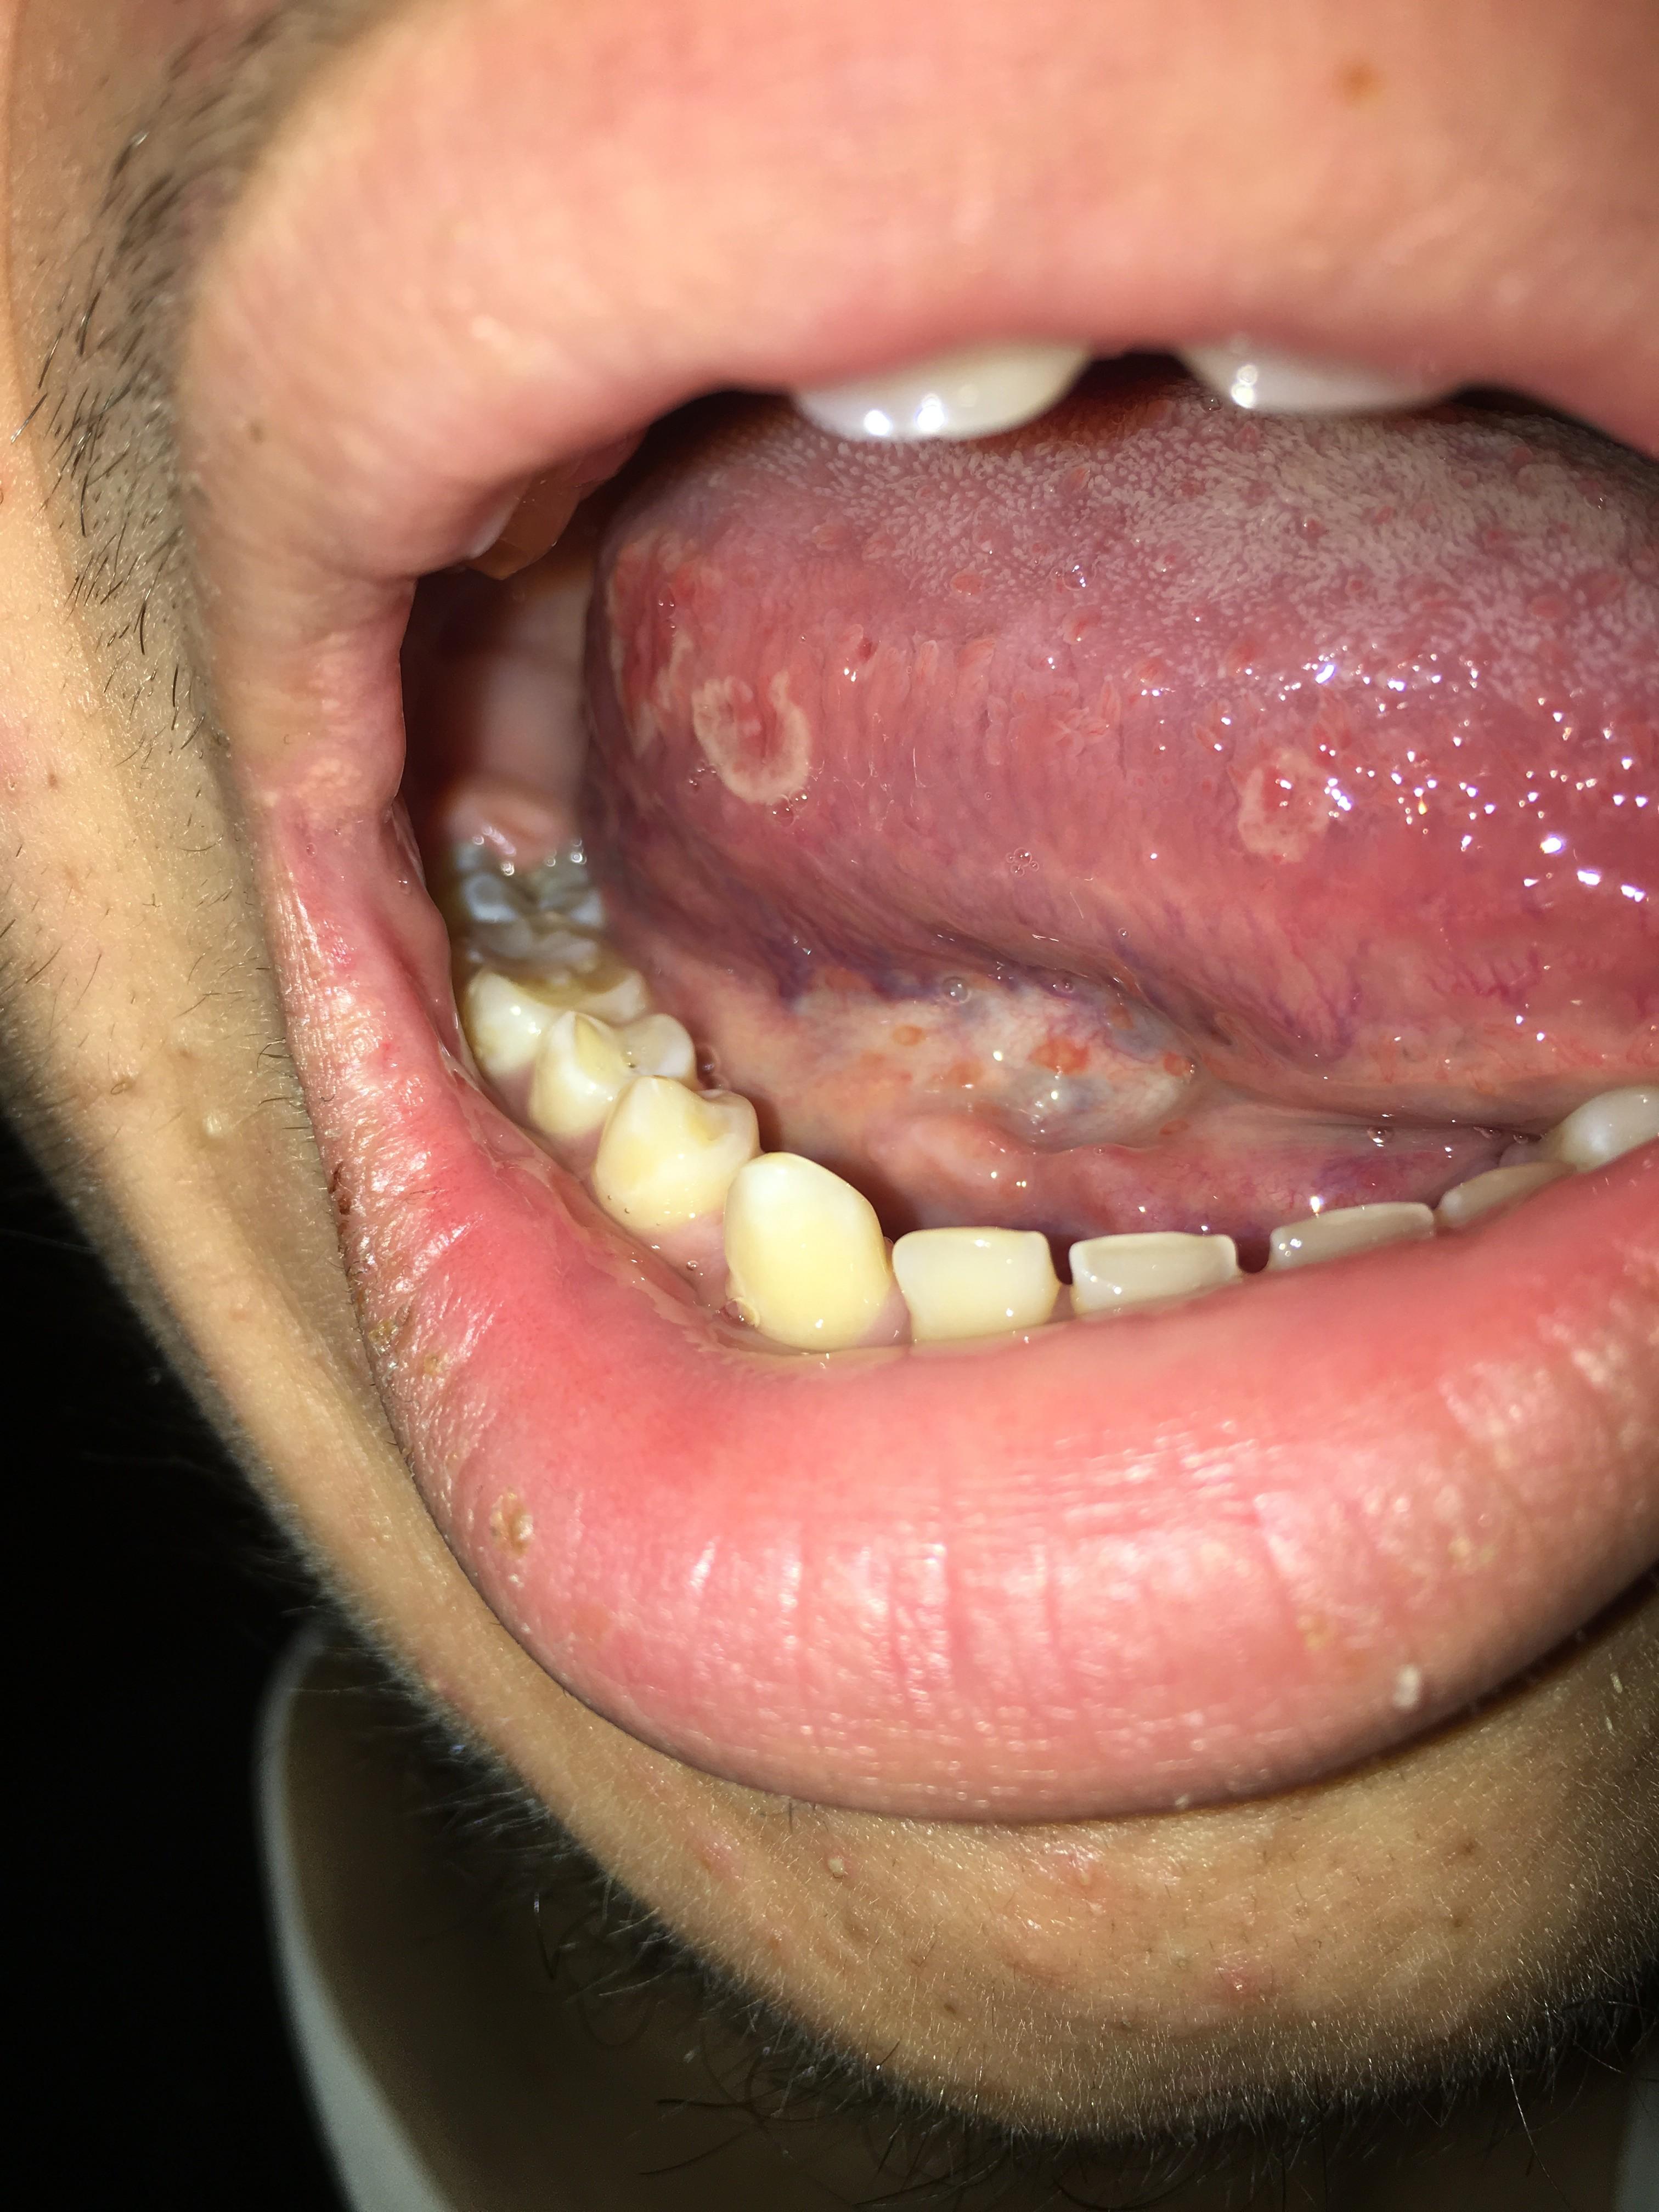 Lesioni sulla lingua